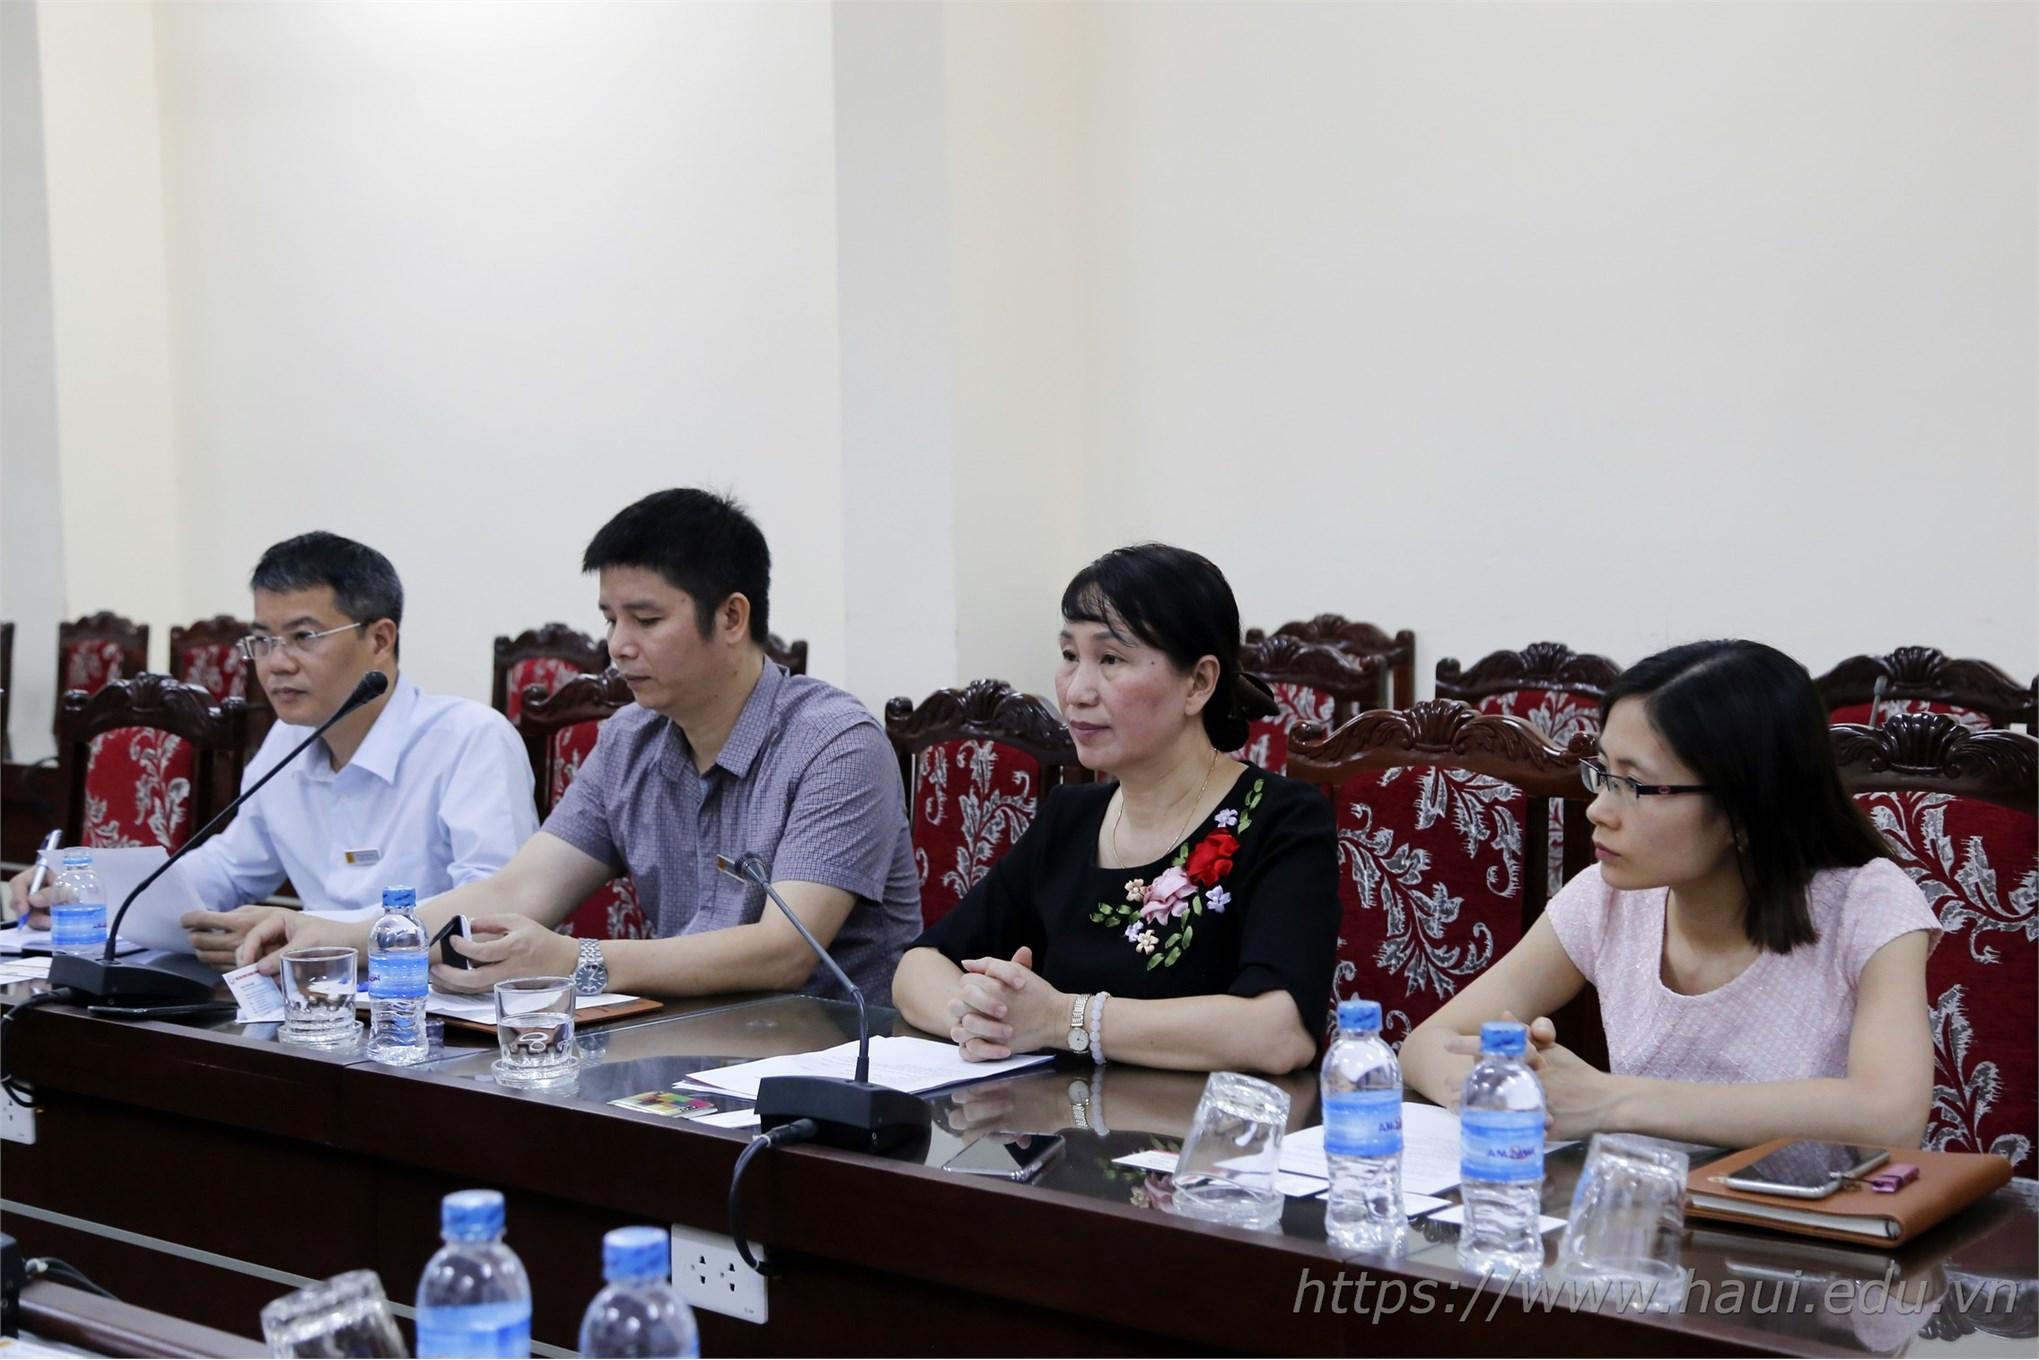 Chương trình tuyển dụng của Công ty TNHH Hanwha Aero Engines - Khu công nghệ cao Láng Hòa lạc